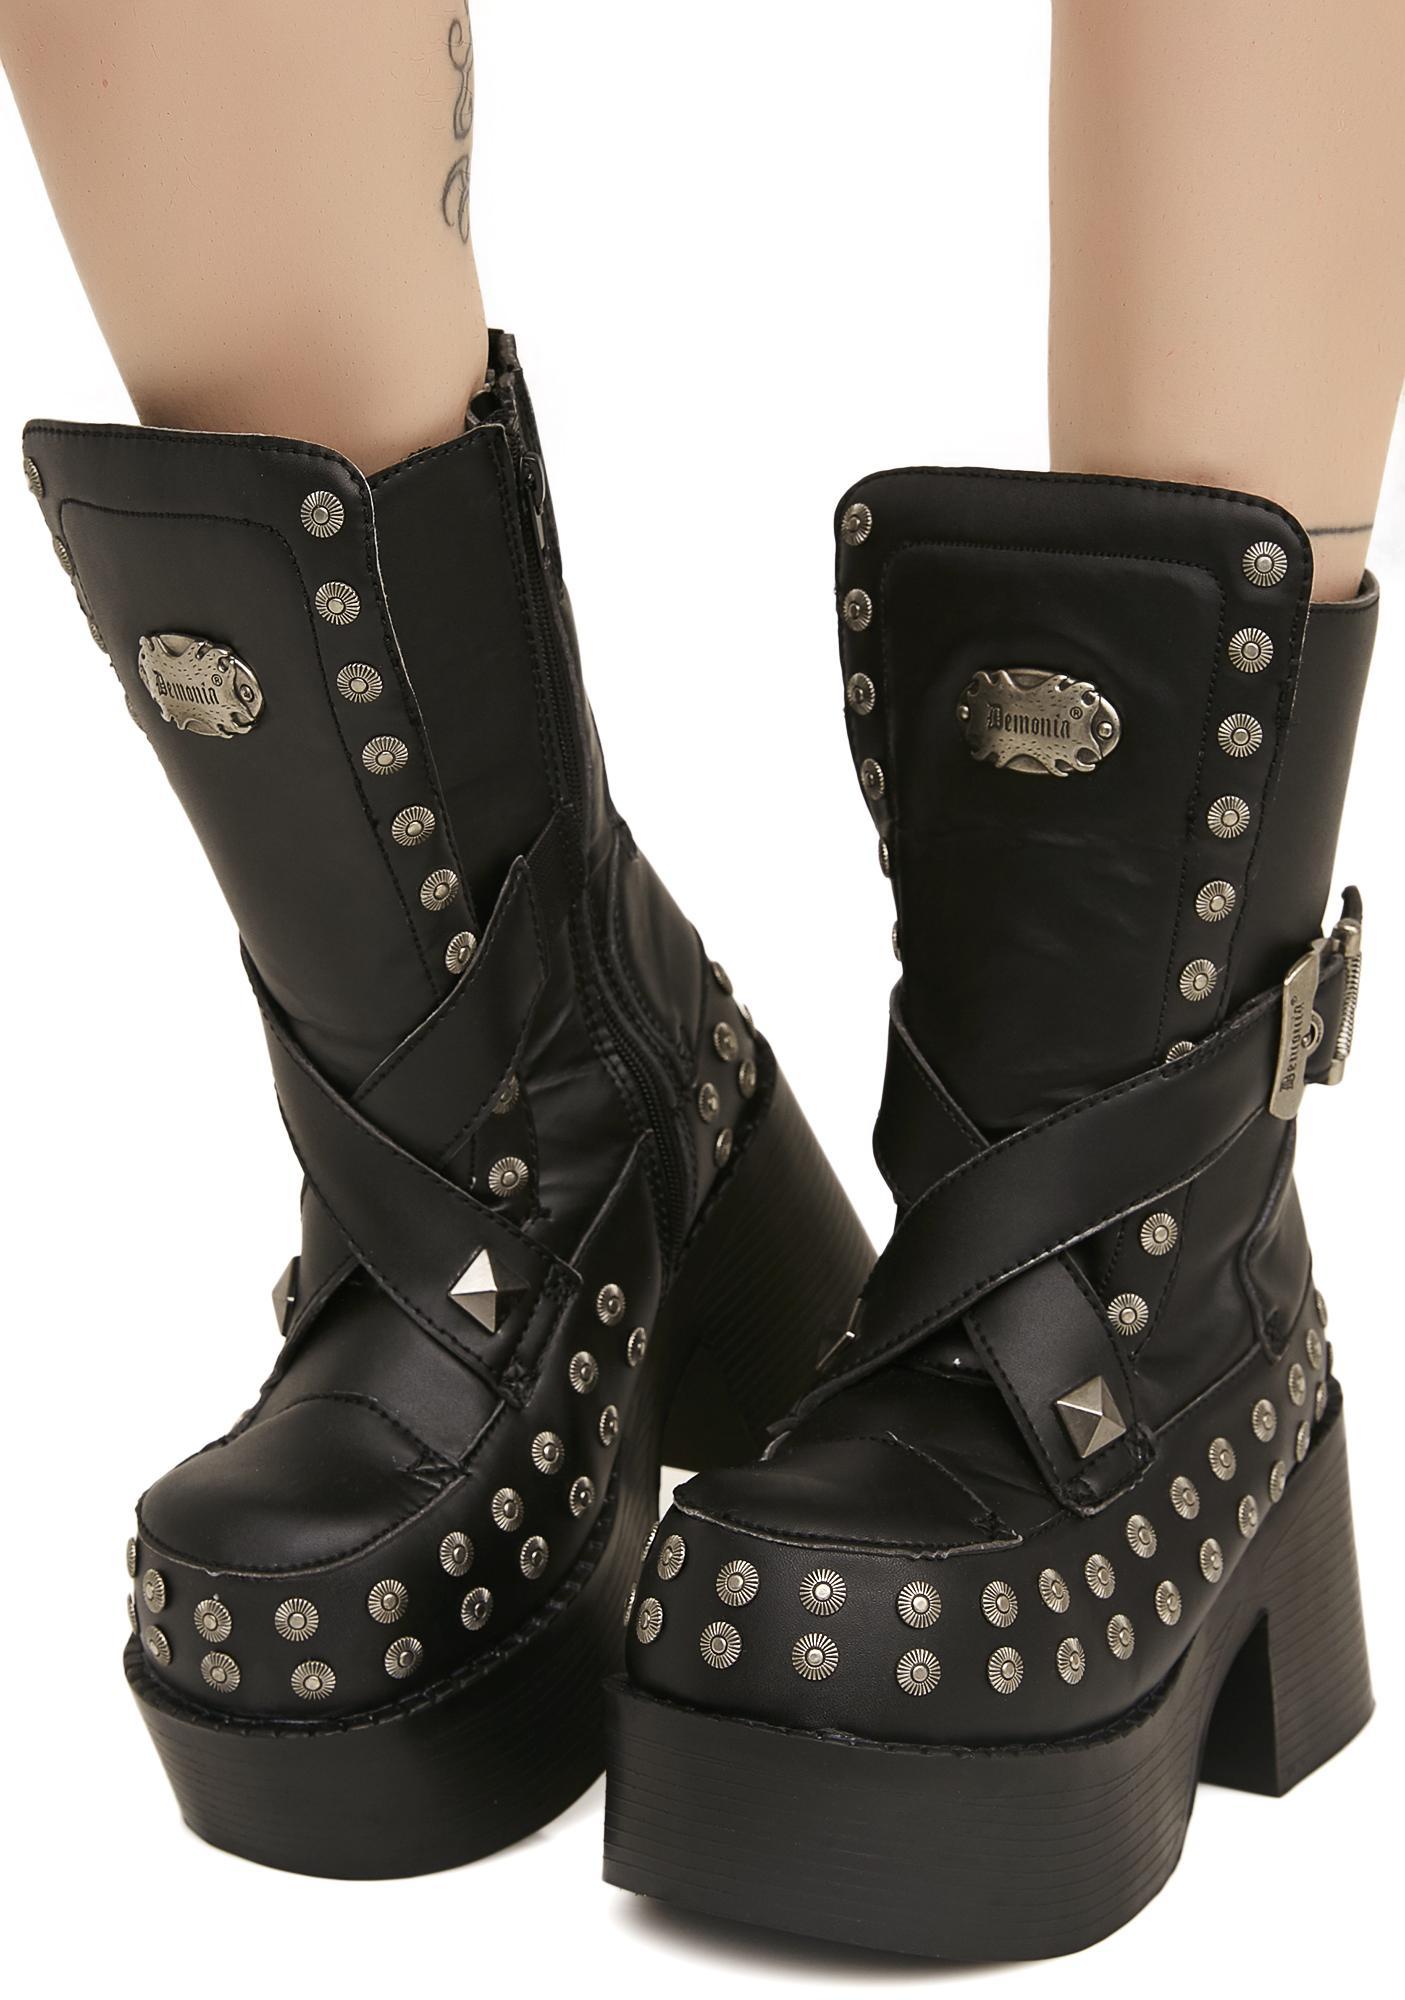 Demonia Platoon Platform Boots